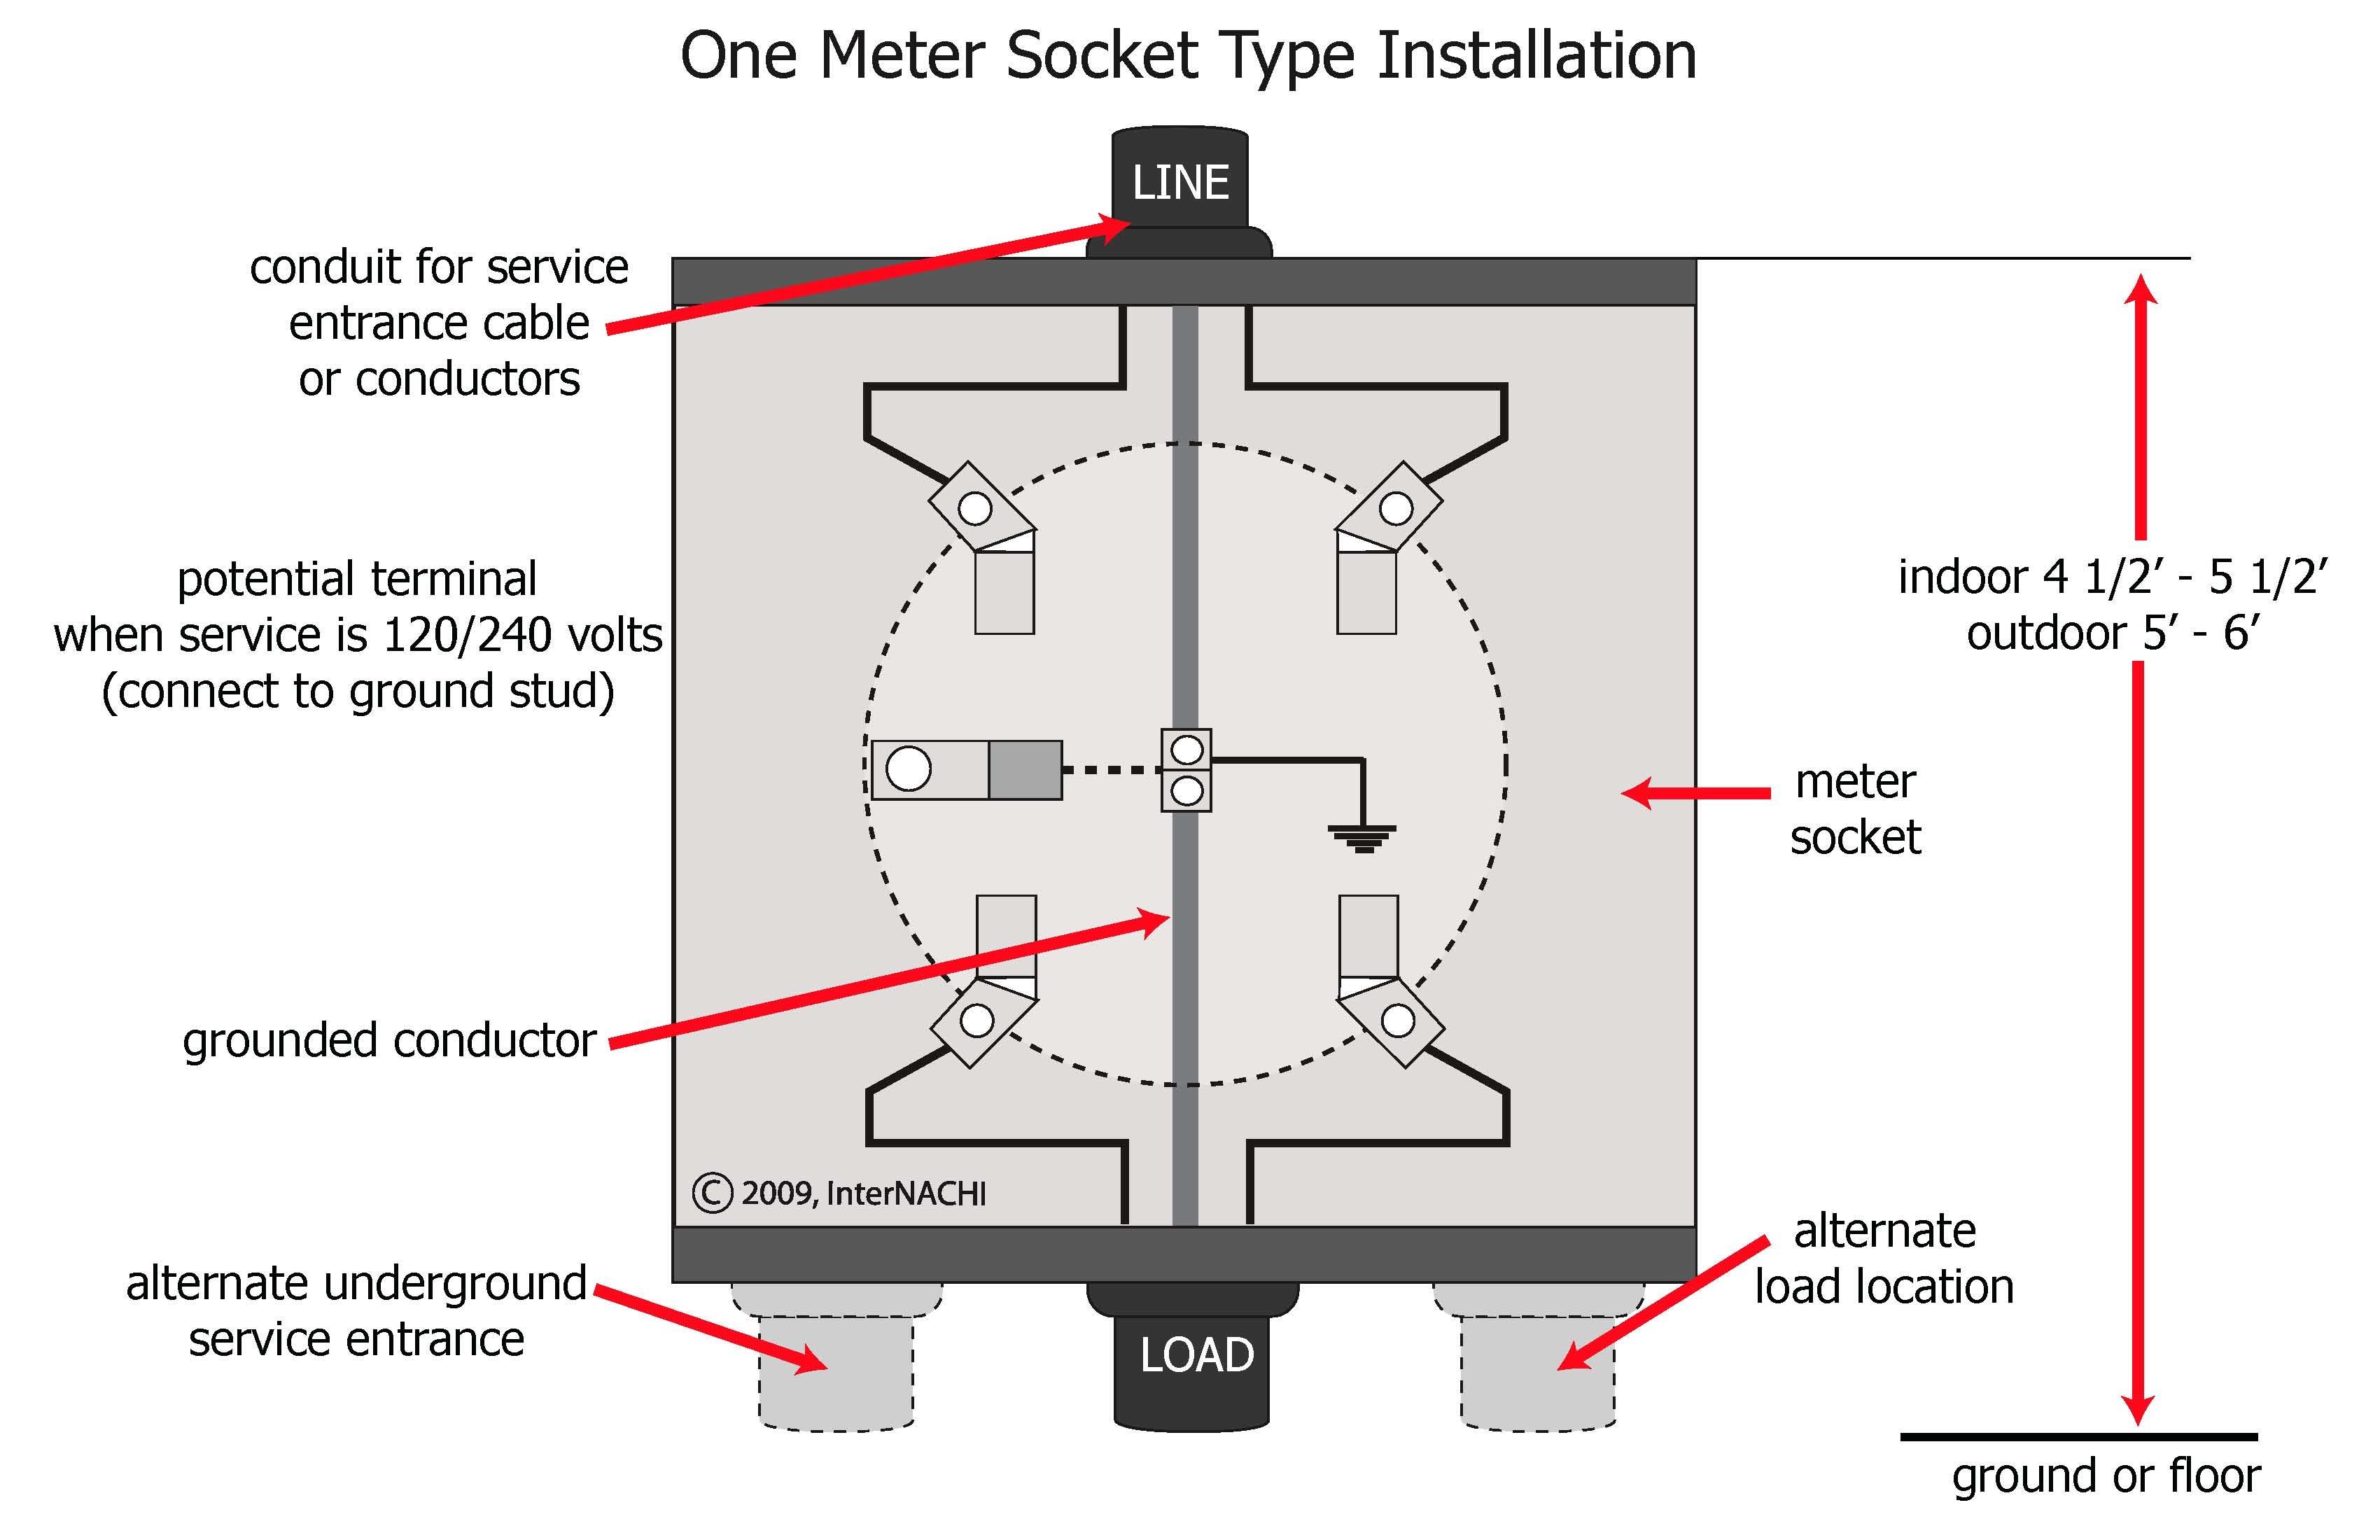 Meter socket.